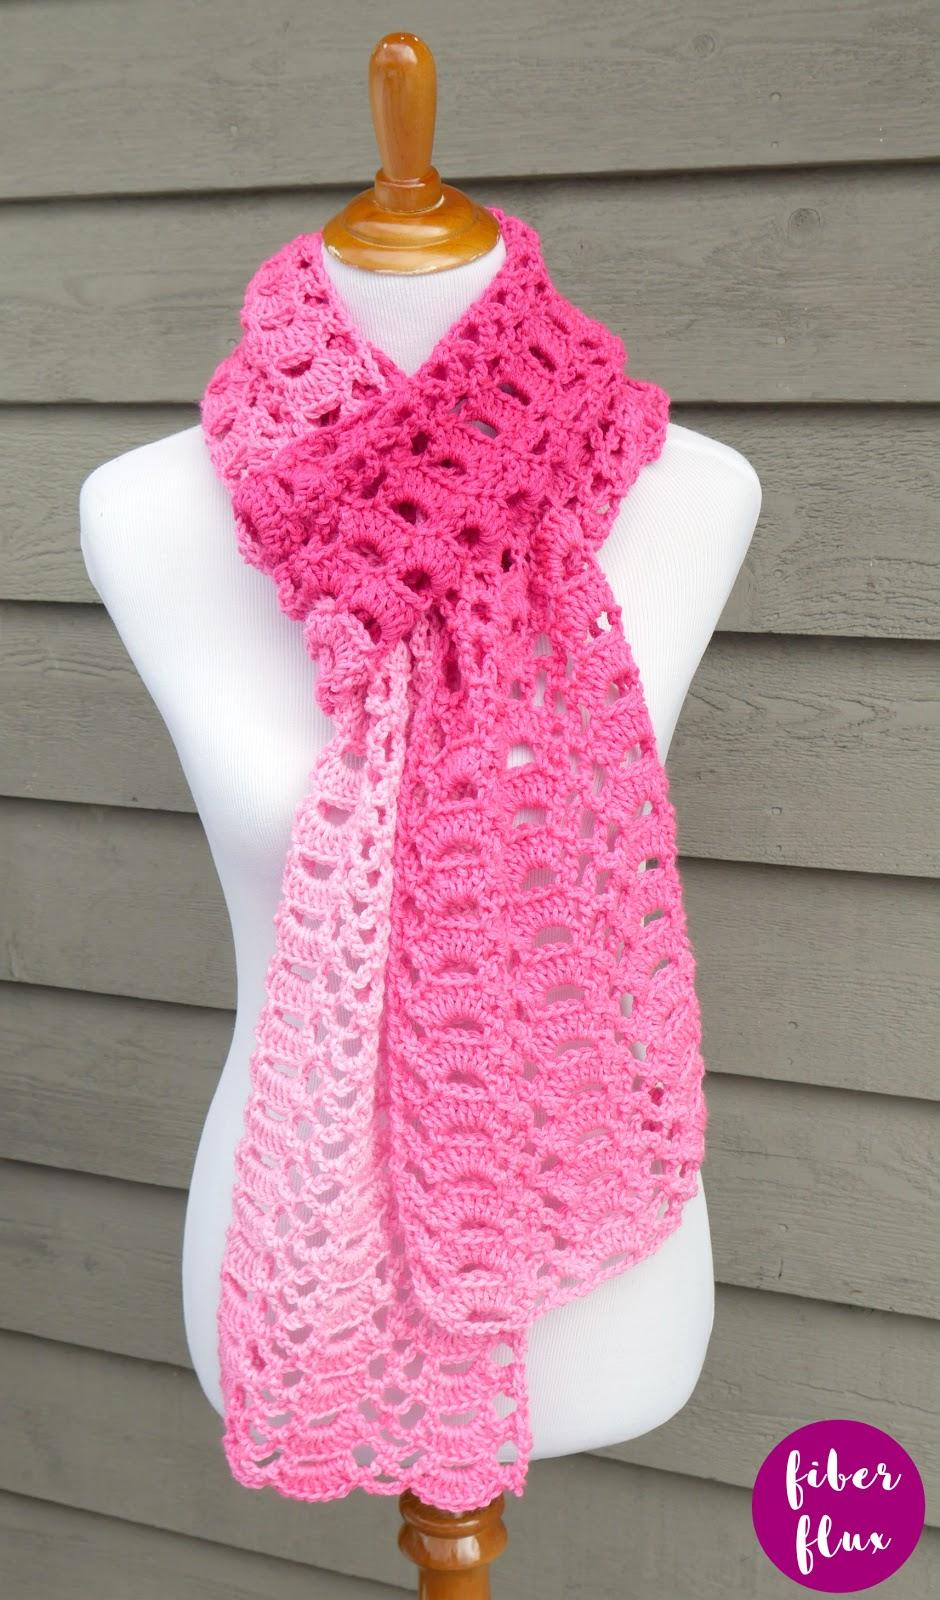 Open Knit Scarf Pattern Fiber Flux Heart You Scarf Free Crochet Pattern Video